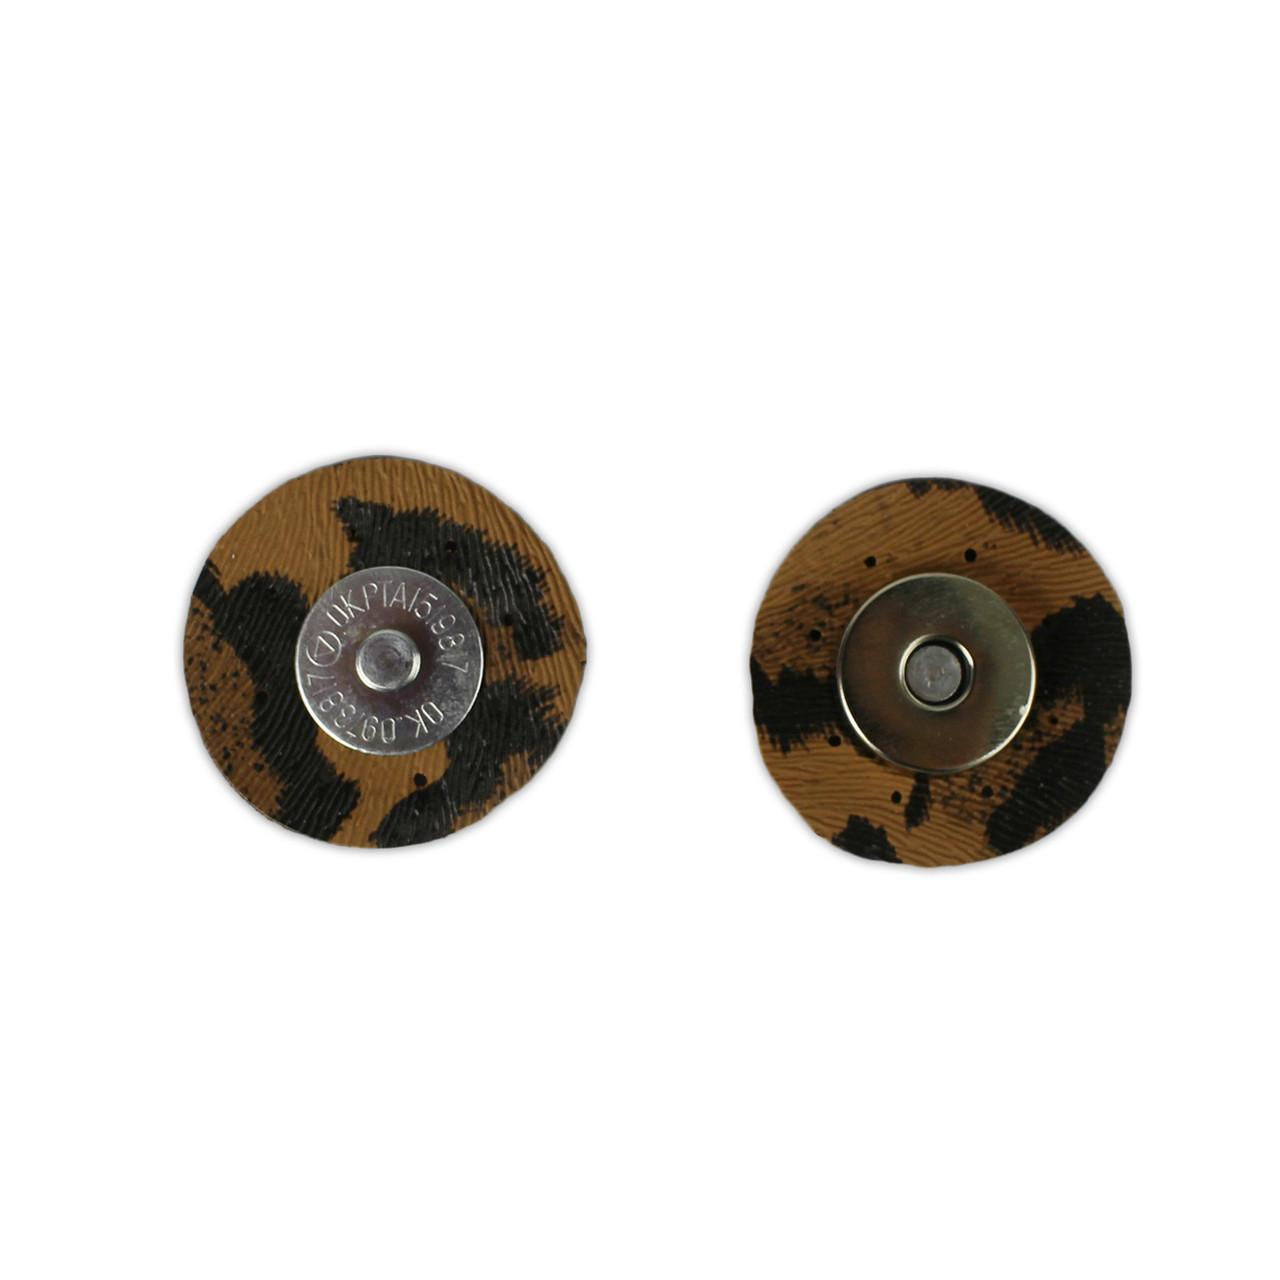 Кнопка магнітна 3,5 см пришивная на екошкірі Тигровий